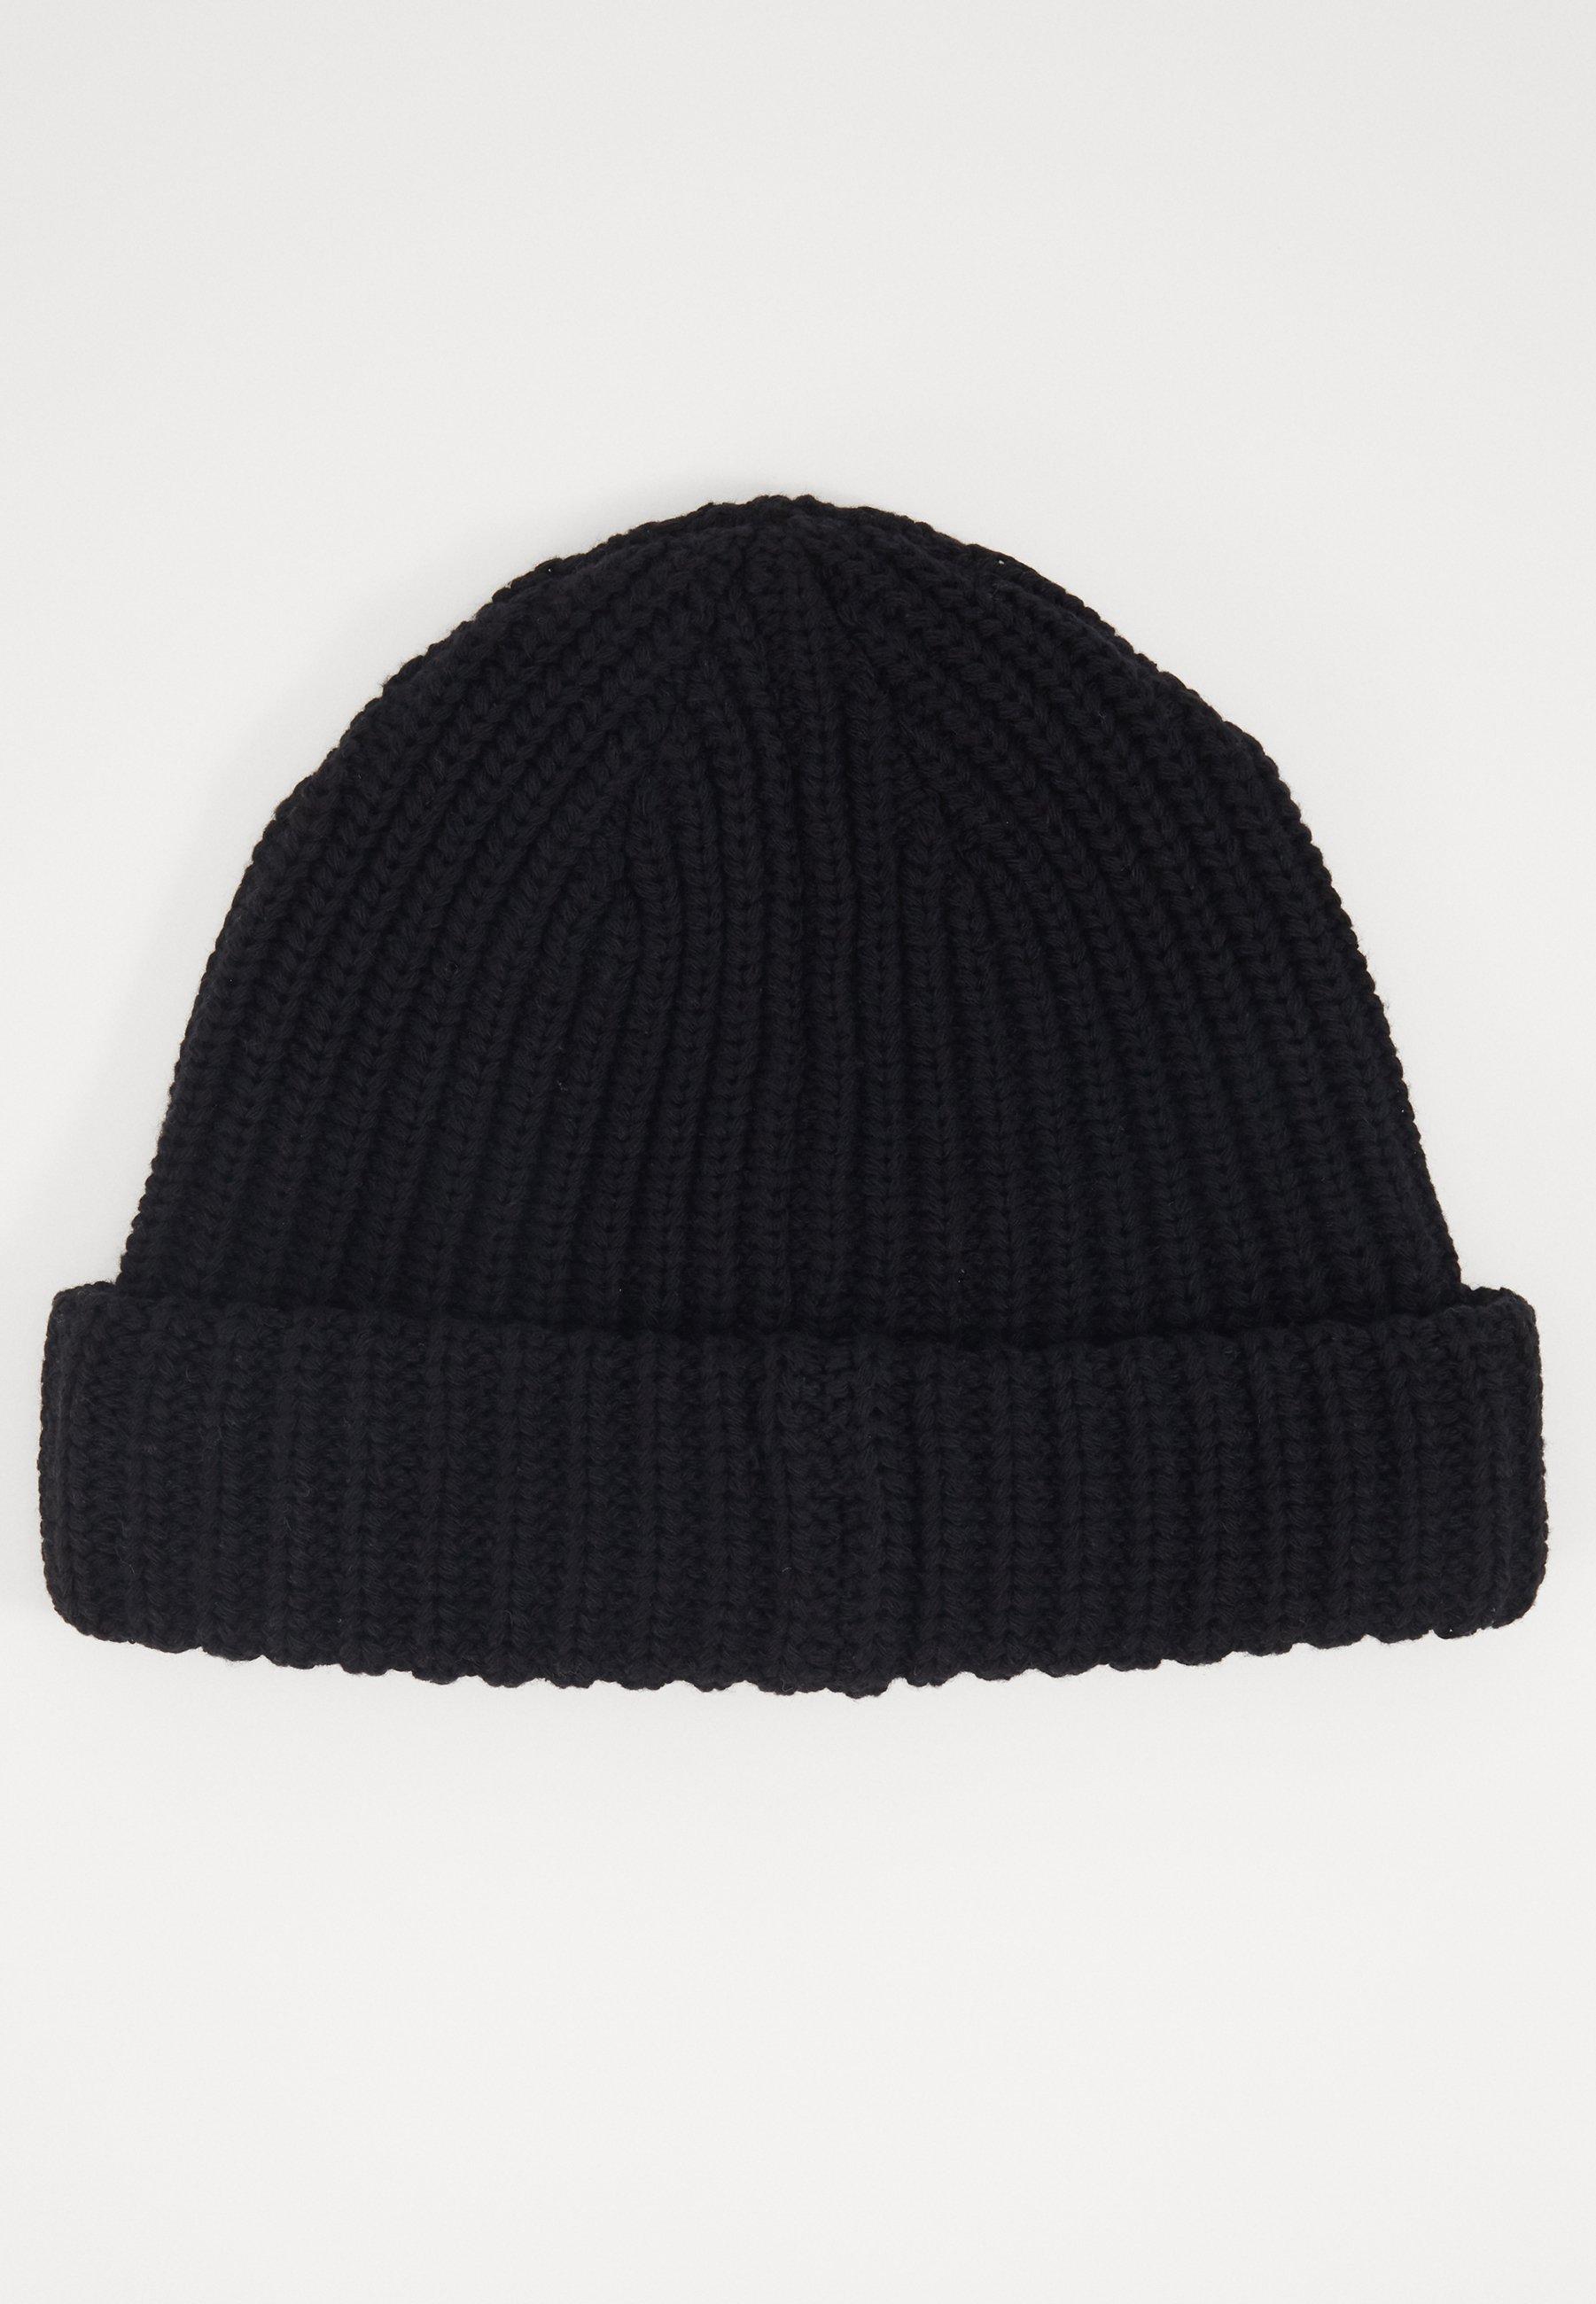 Pier One Mütze - Black/schwarz